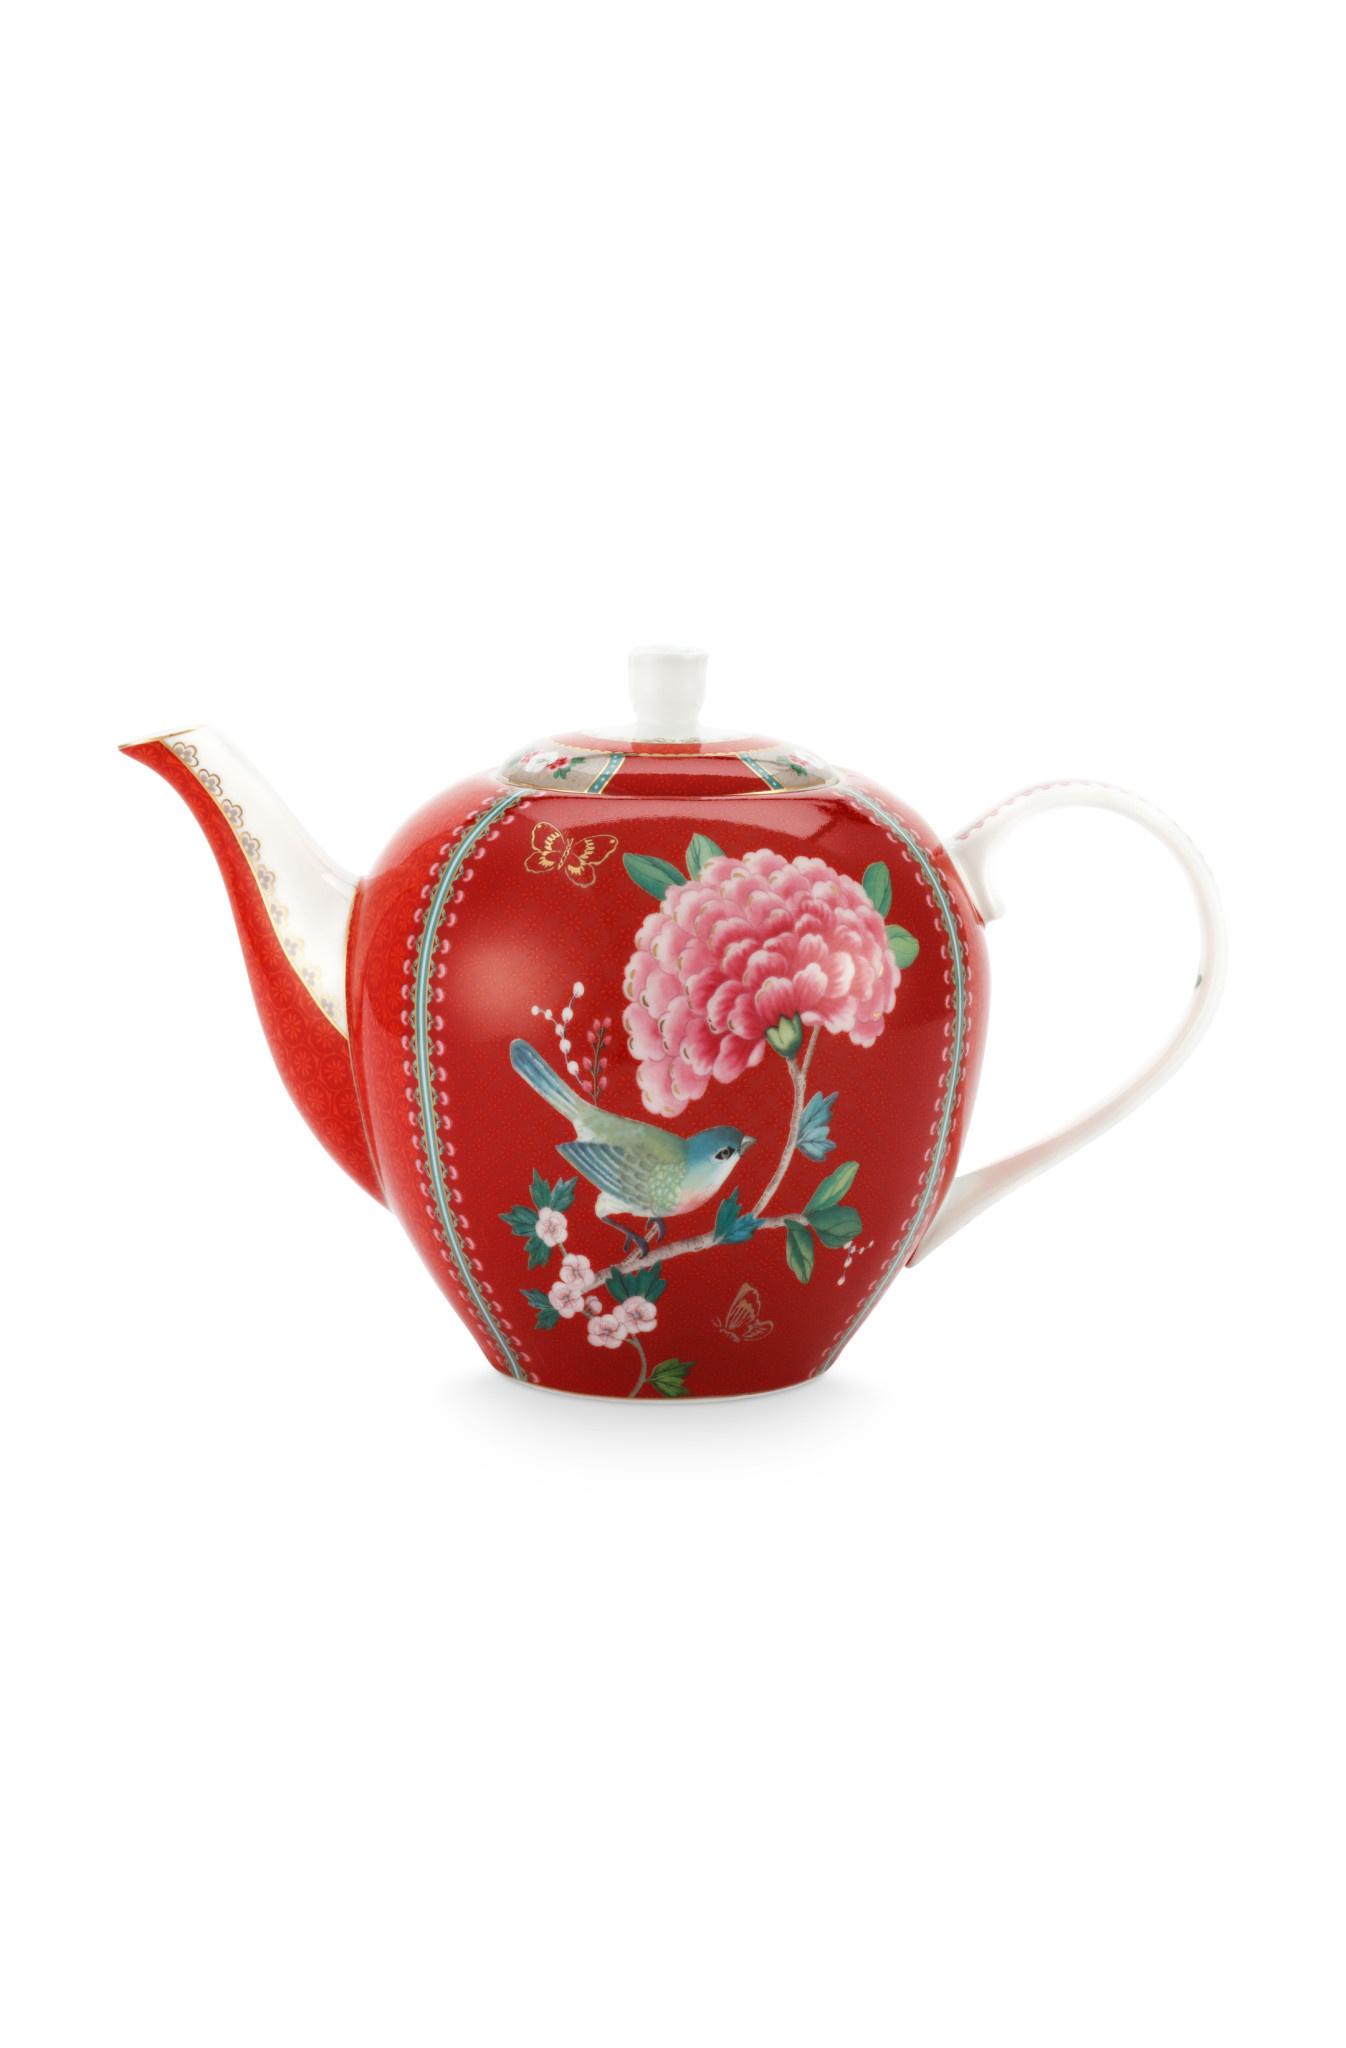 Pip Studio Tea Pot Large Blushing Birds Red  1.6ltr